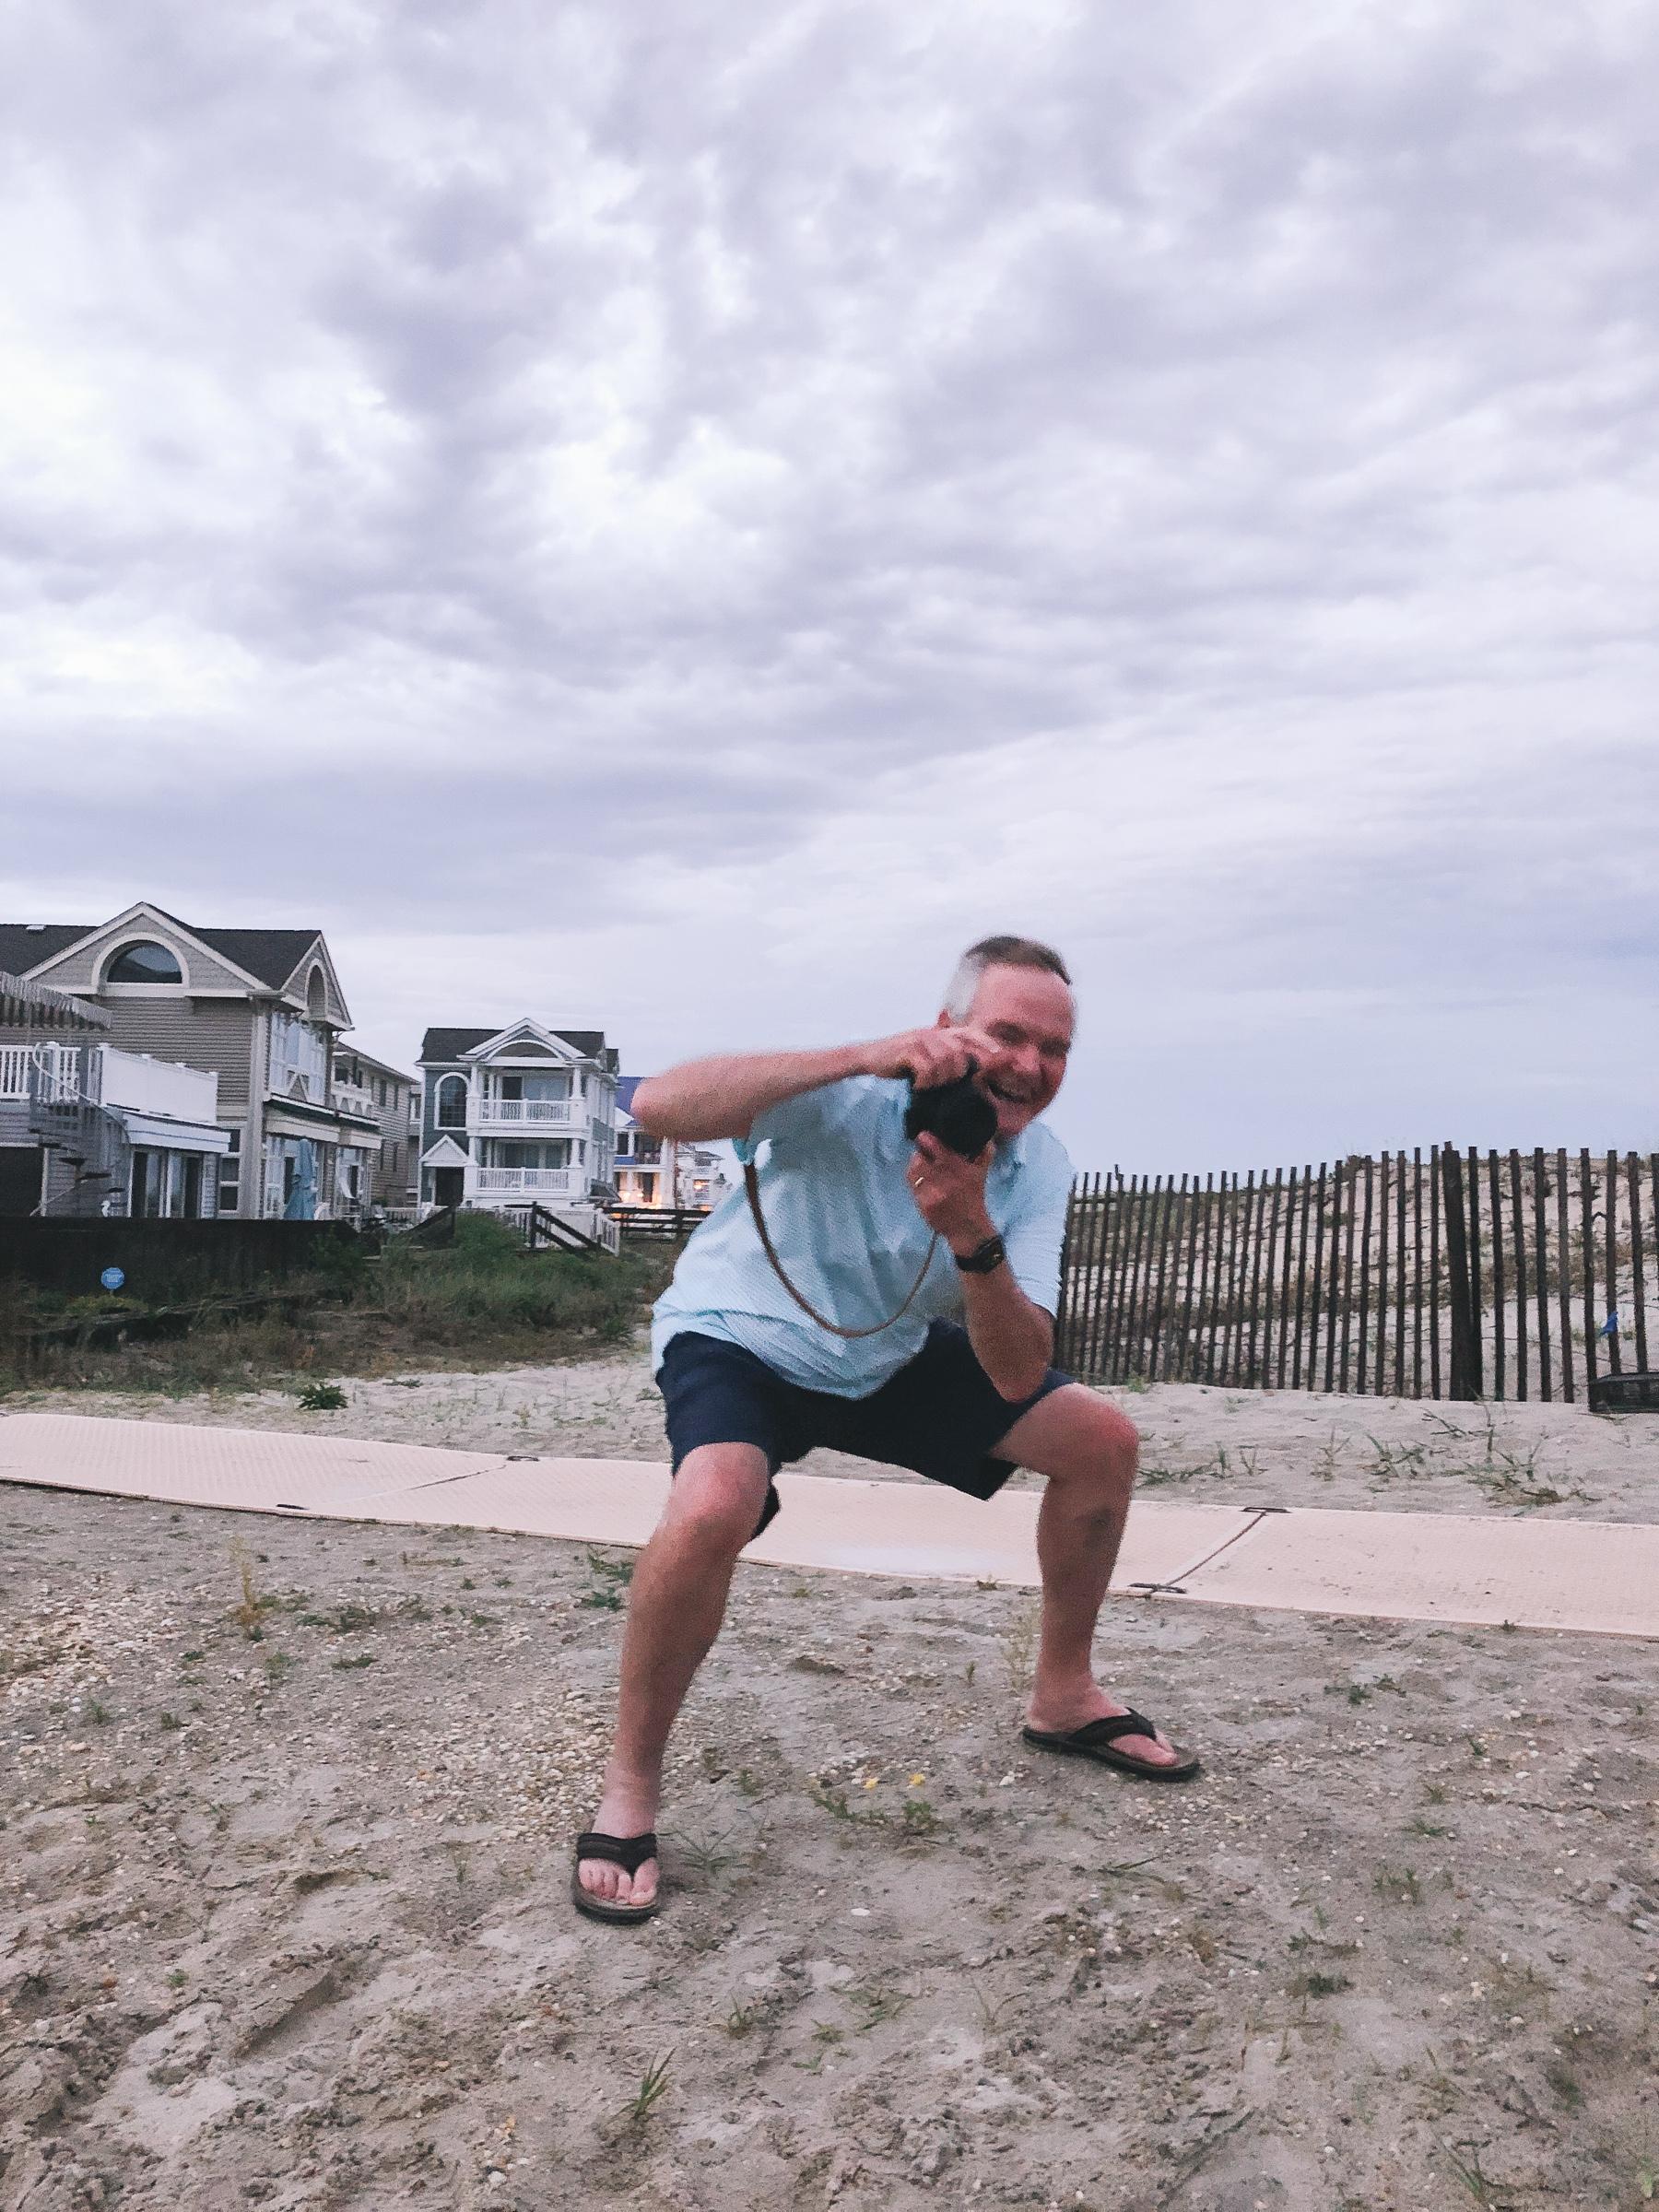 Happy Dad taking photos